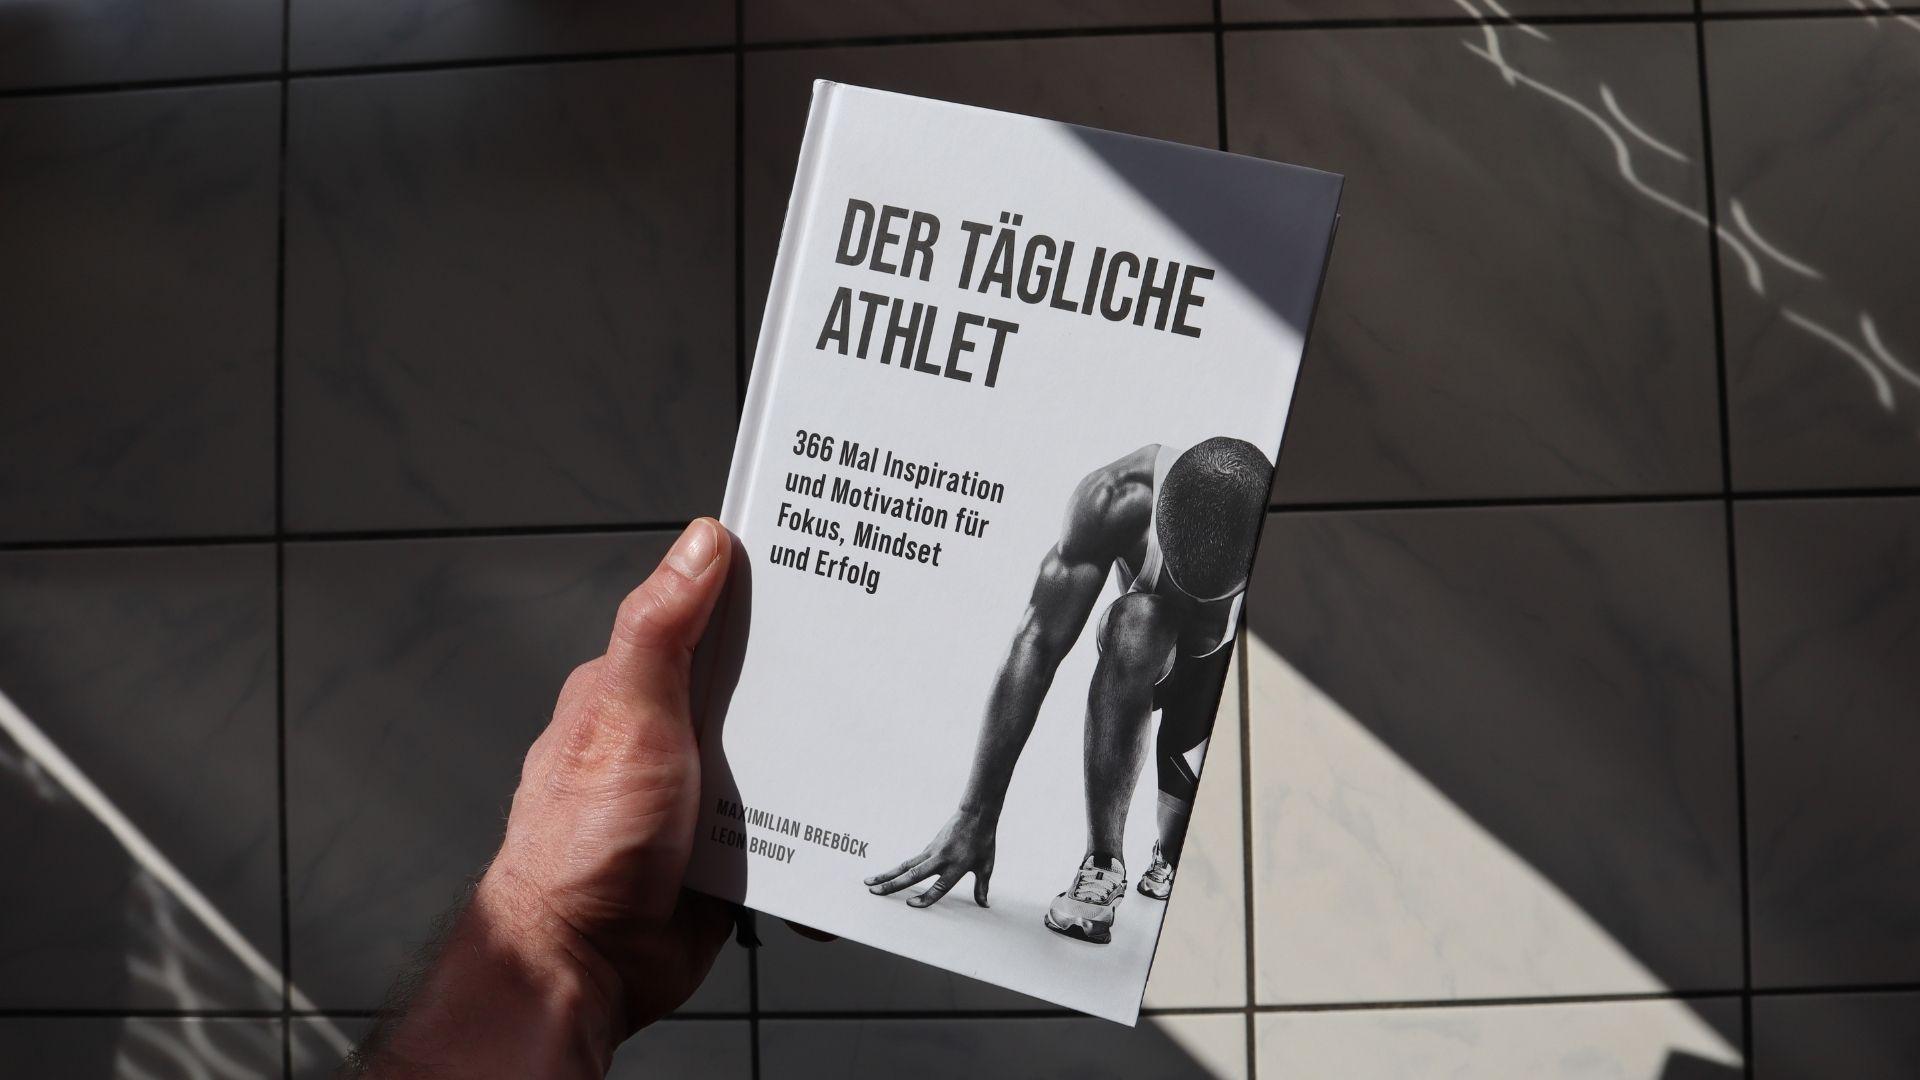 Der tägliche Athlet - Buchrezension